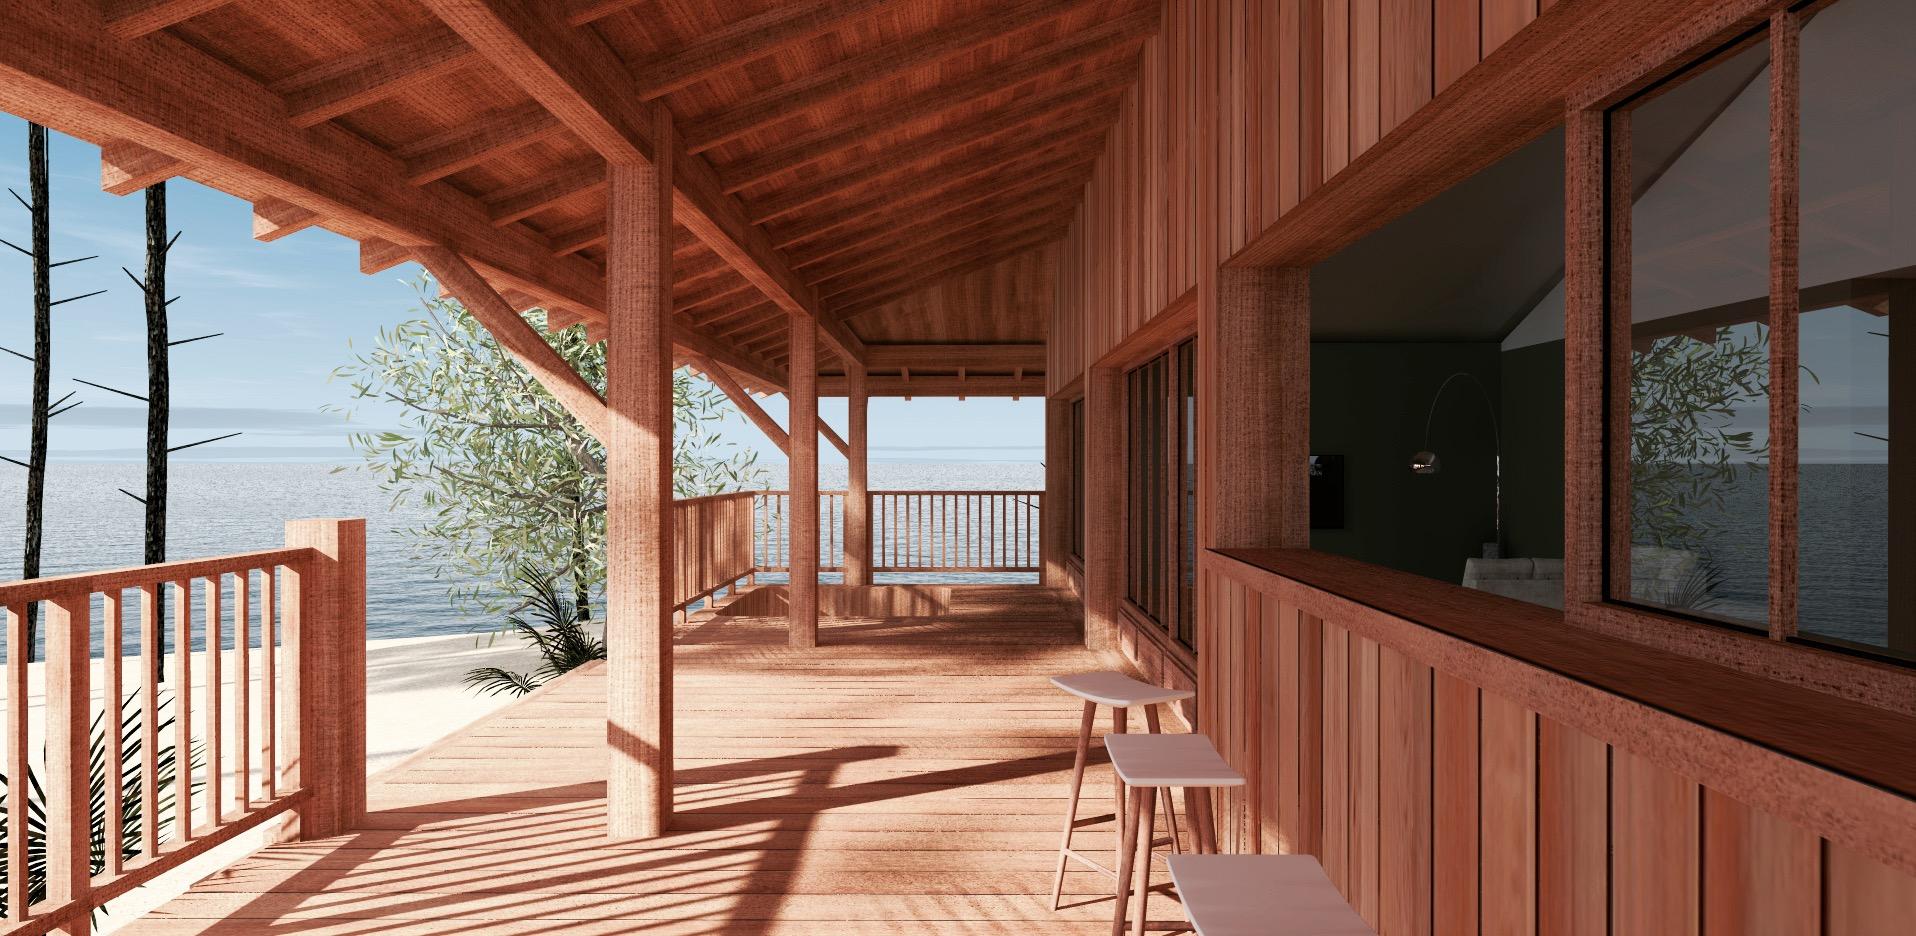 Construire Une Terrasse En Bois Surelevee construction d'une cabane bois sur pilotis a sanguinet 40